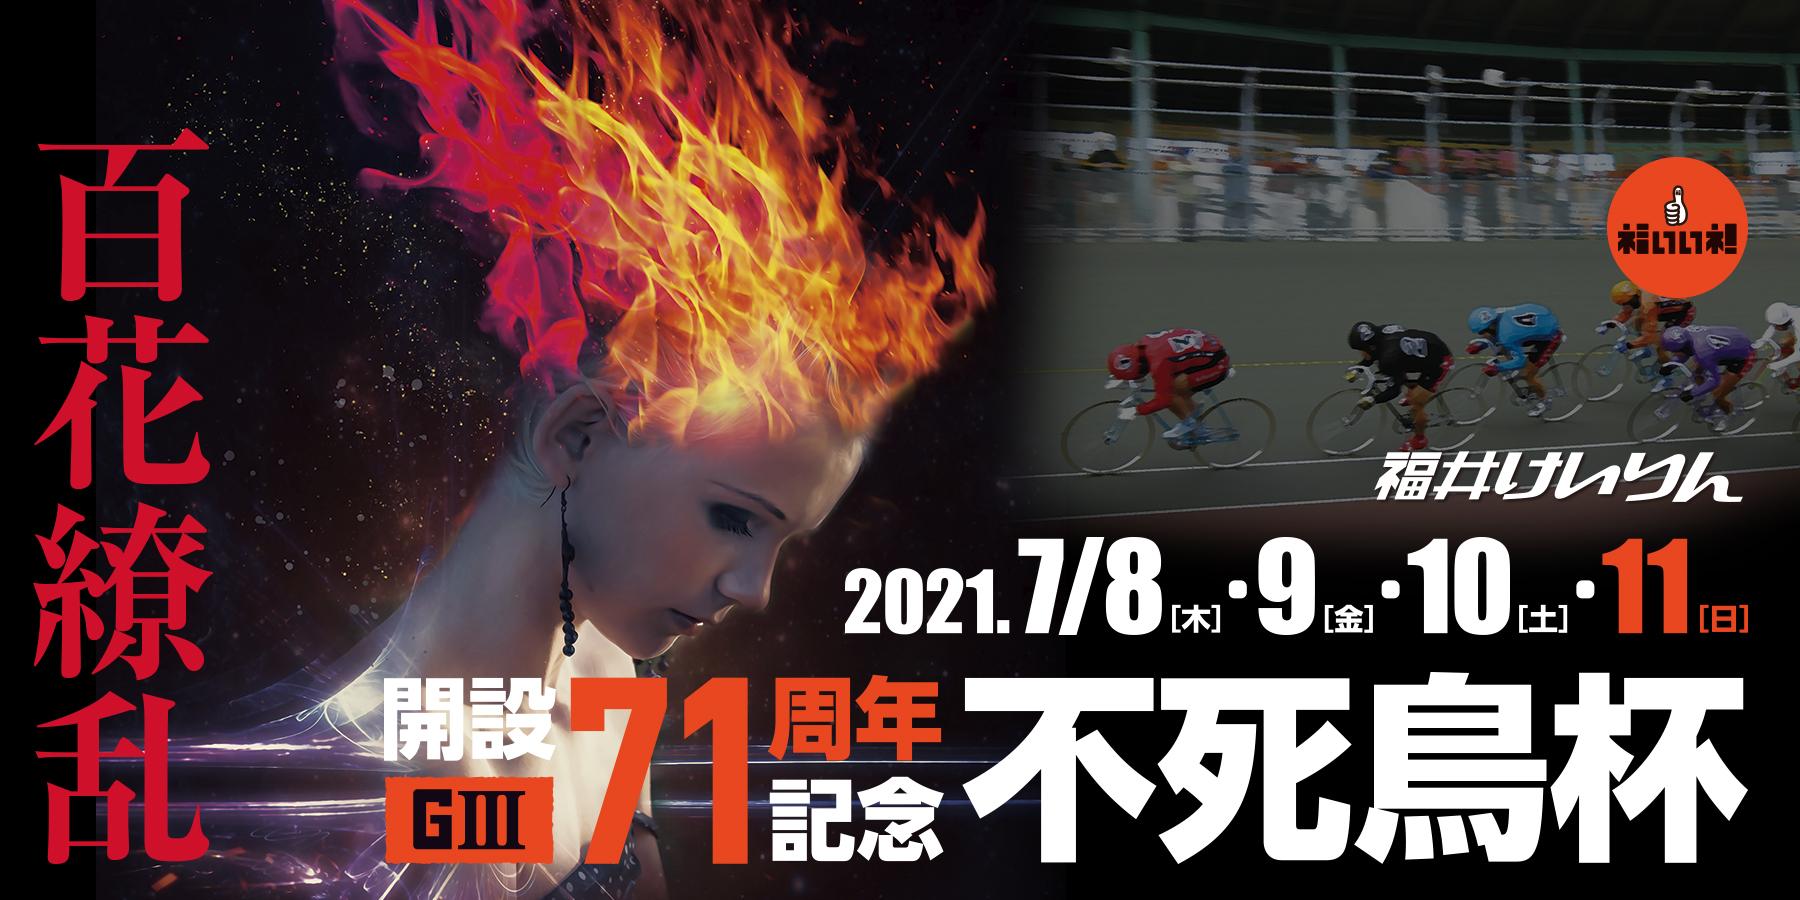 福井競輪(G3) 不死鳥杯